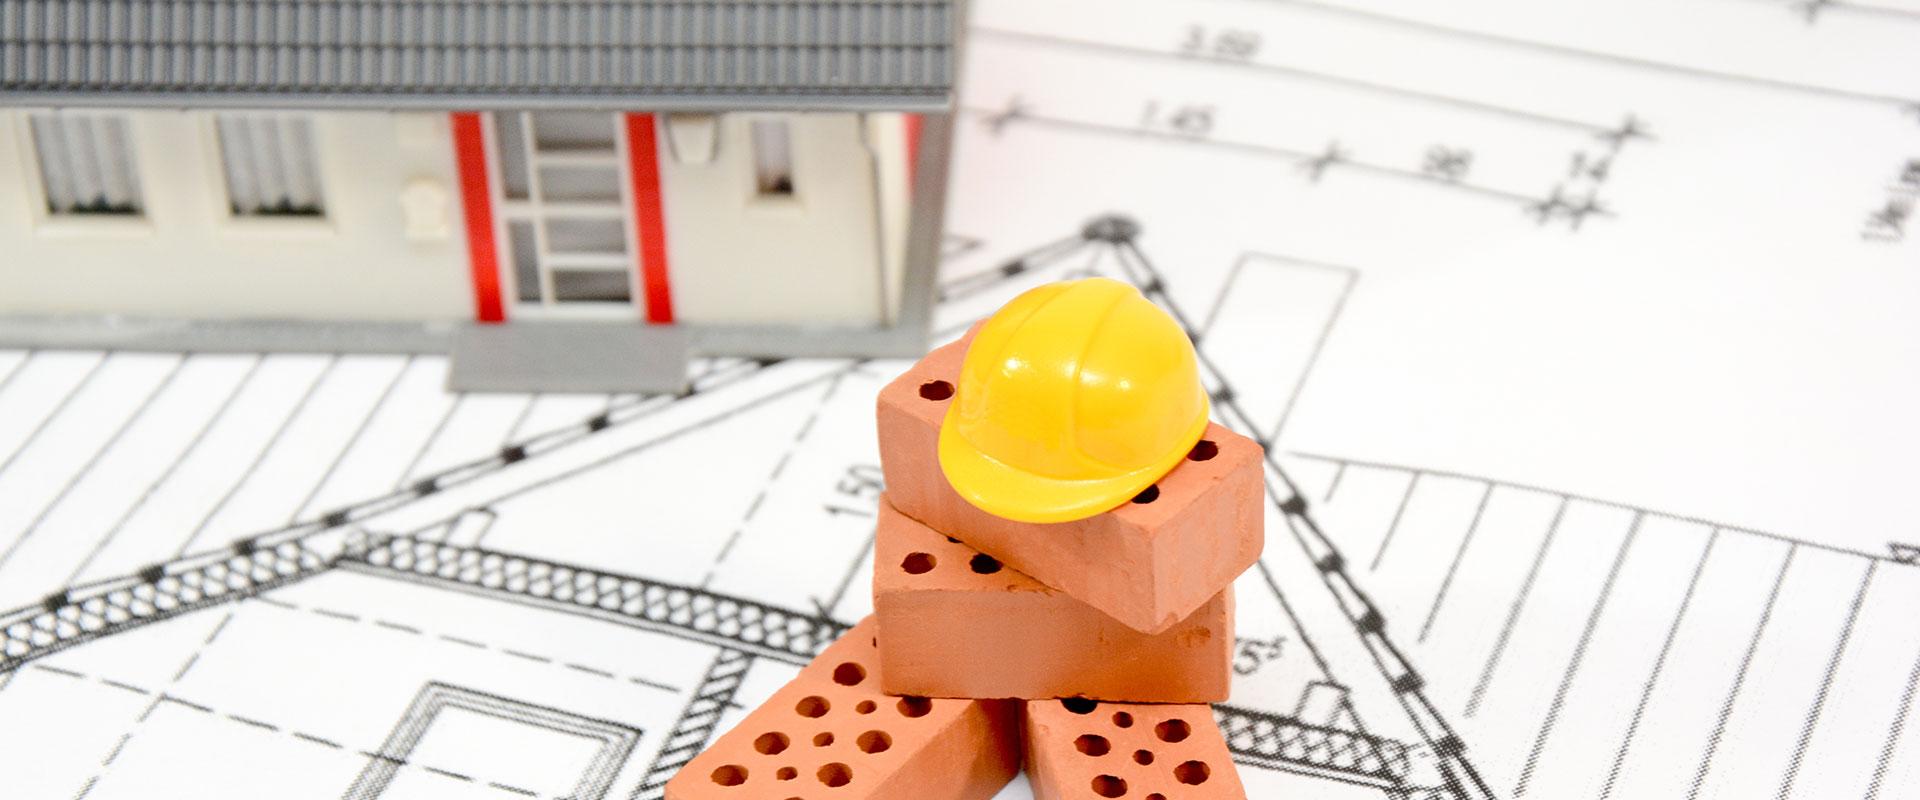 Abbildung Modellhaus und Helm